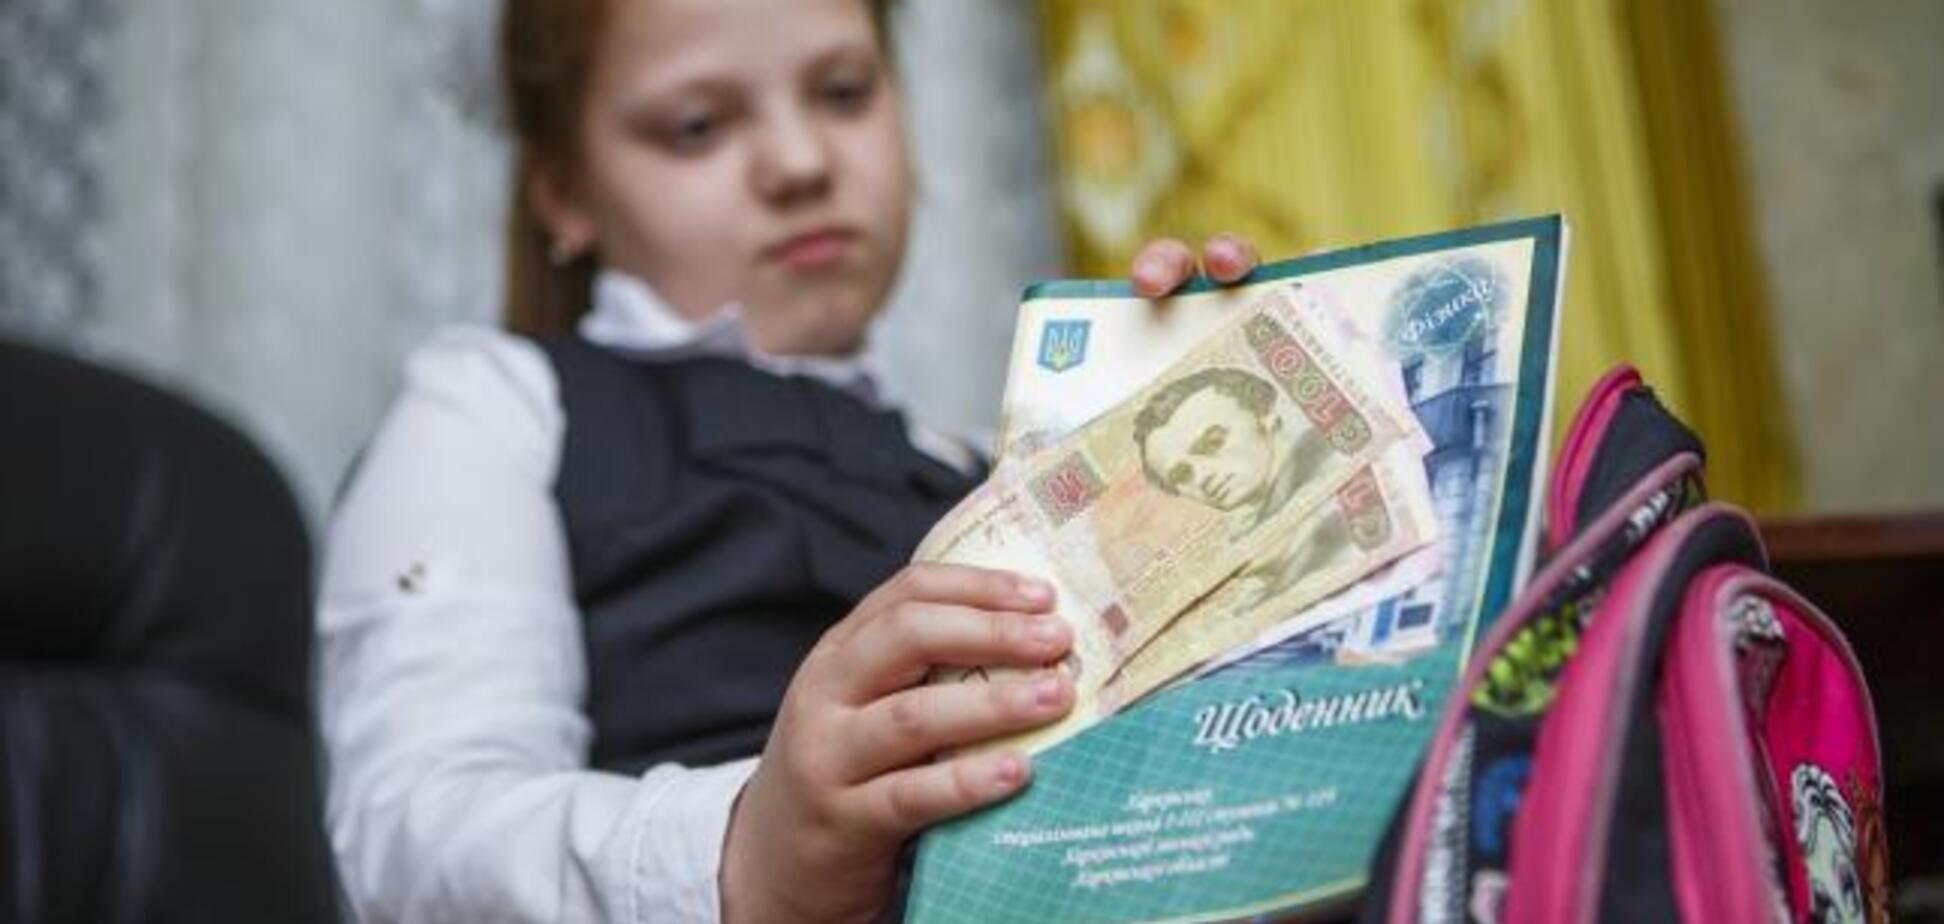 Поборы в школе: родители со всех регионов Украины заявили о вымогательстве денег